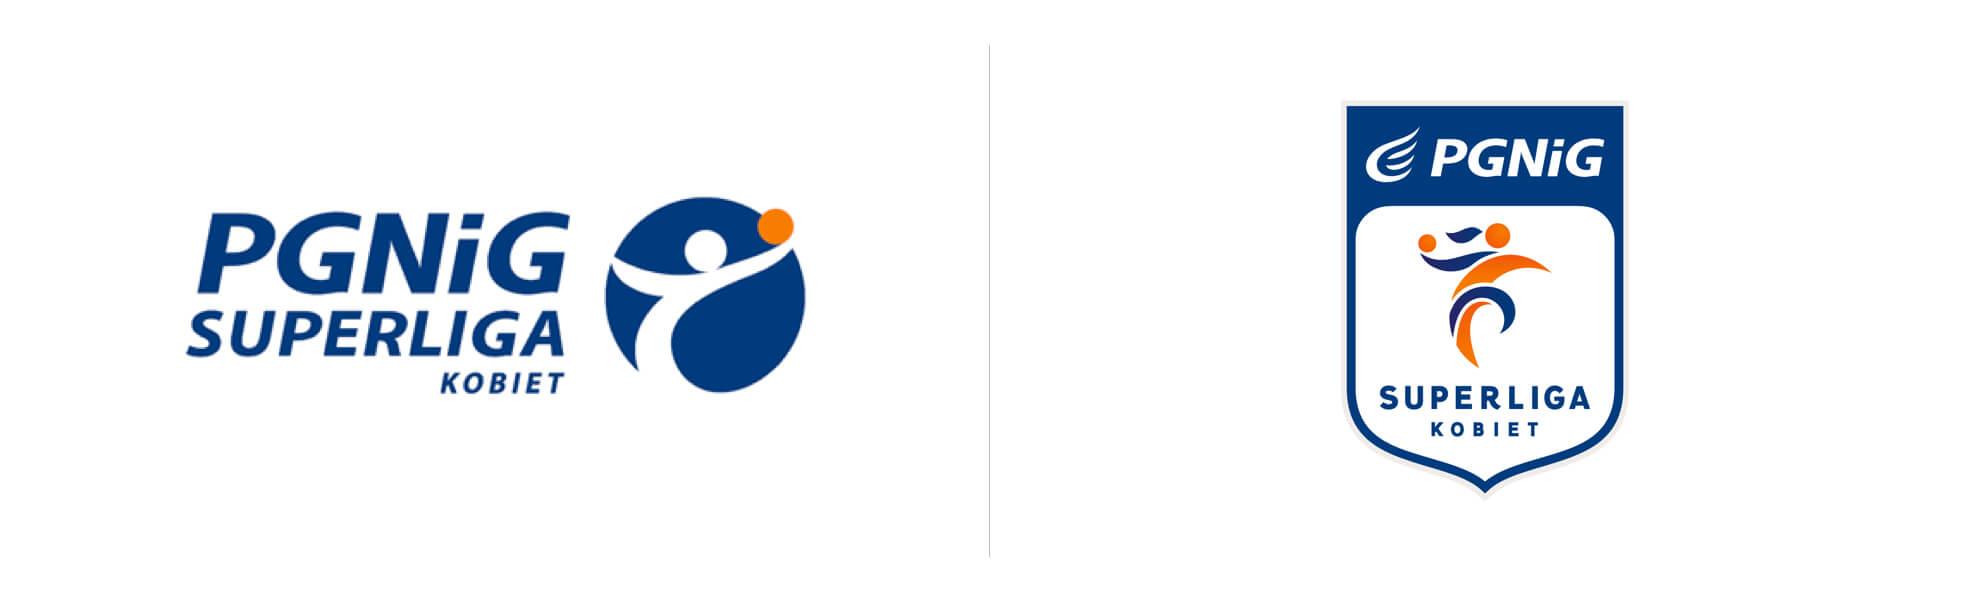 PGNiG Superliga Kobiet stare inowe logo